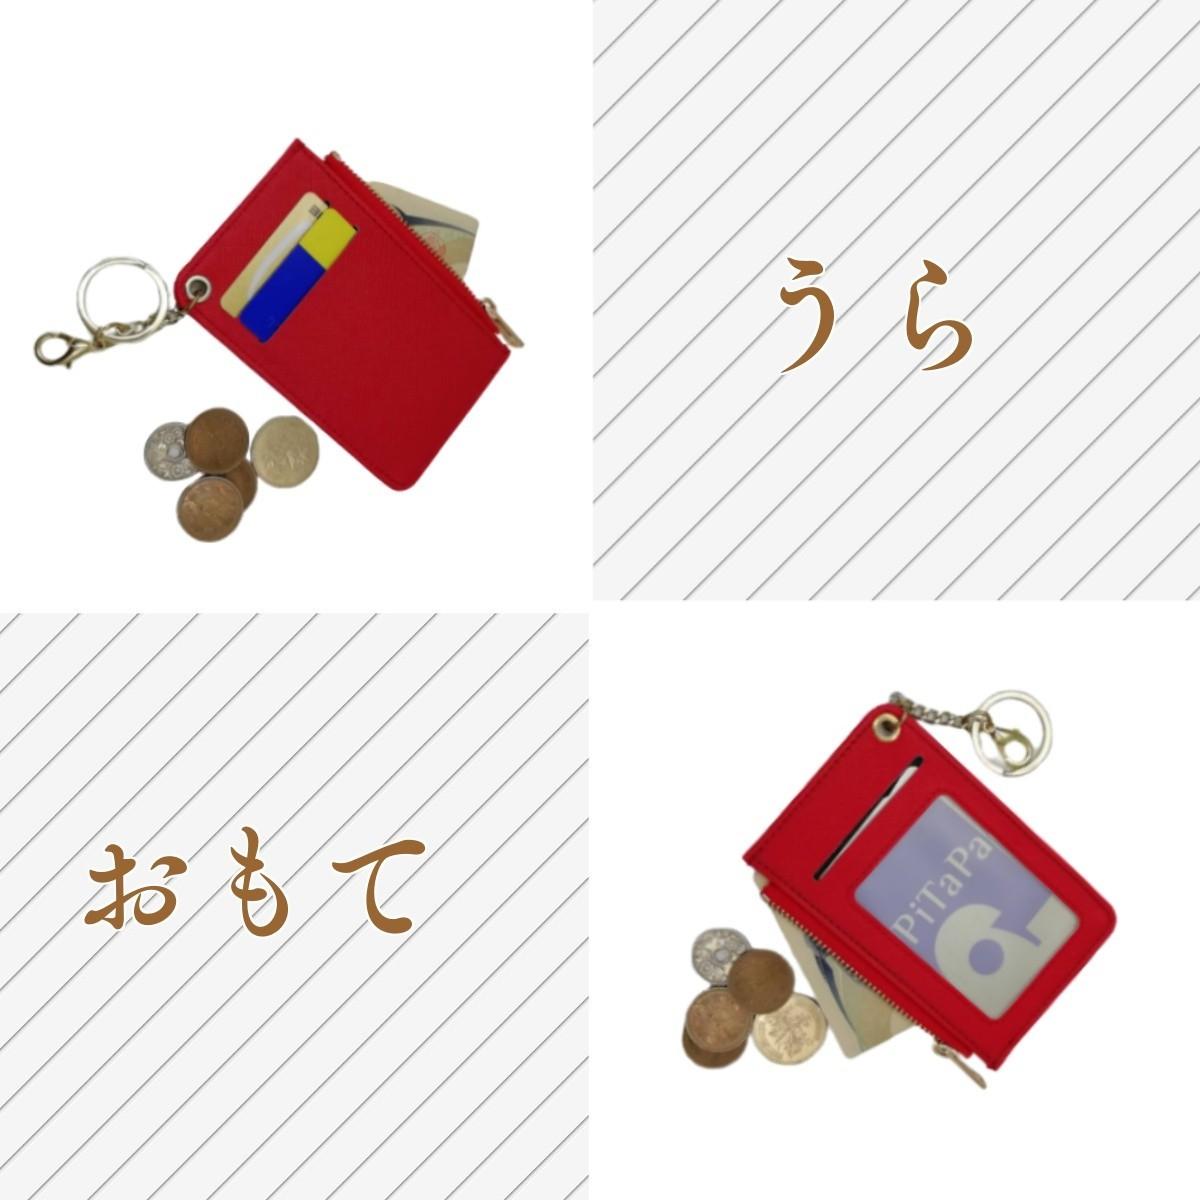 コインケース付きパスケース 薄い軽い 定期券 ポイントカード